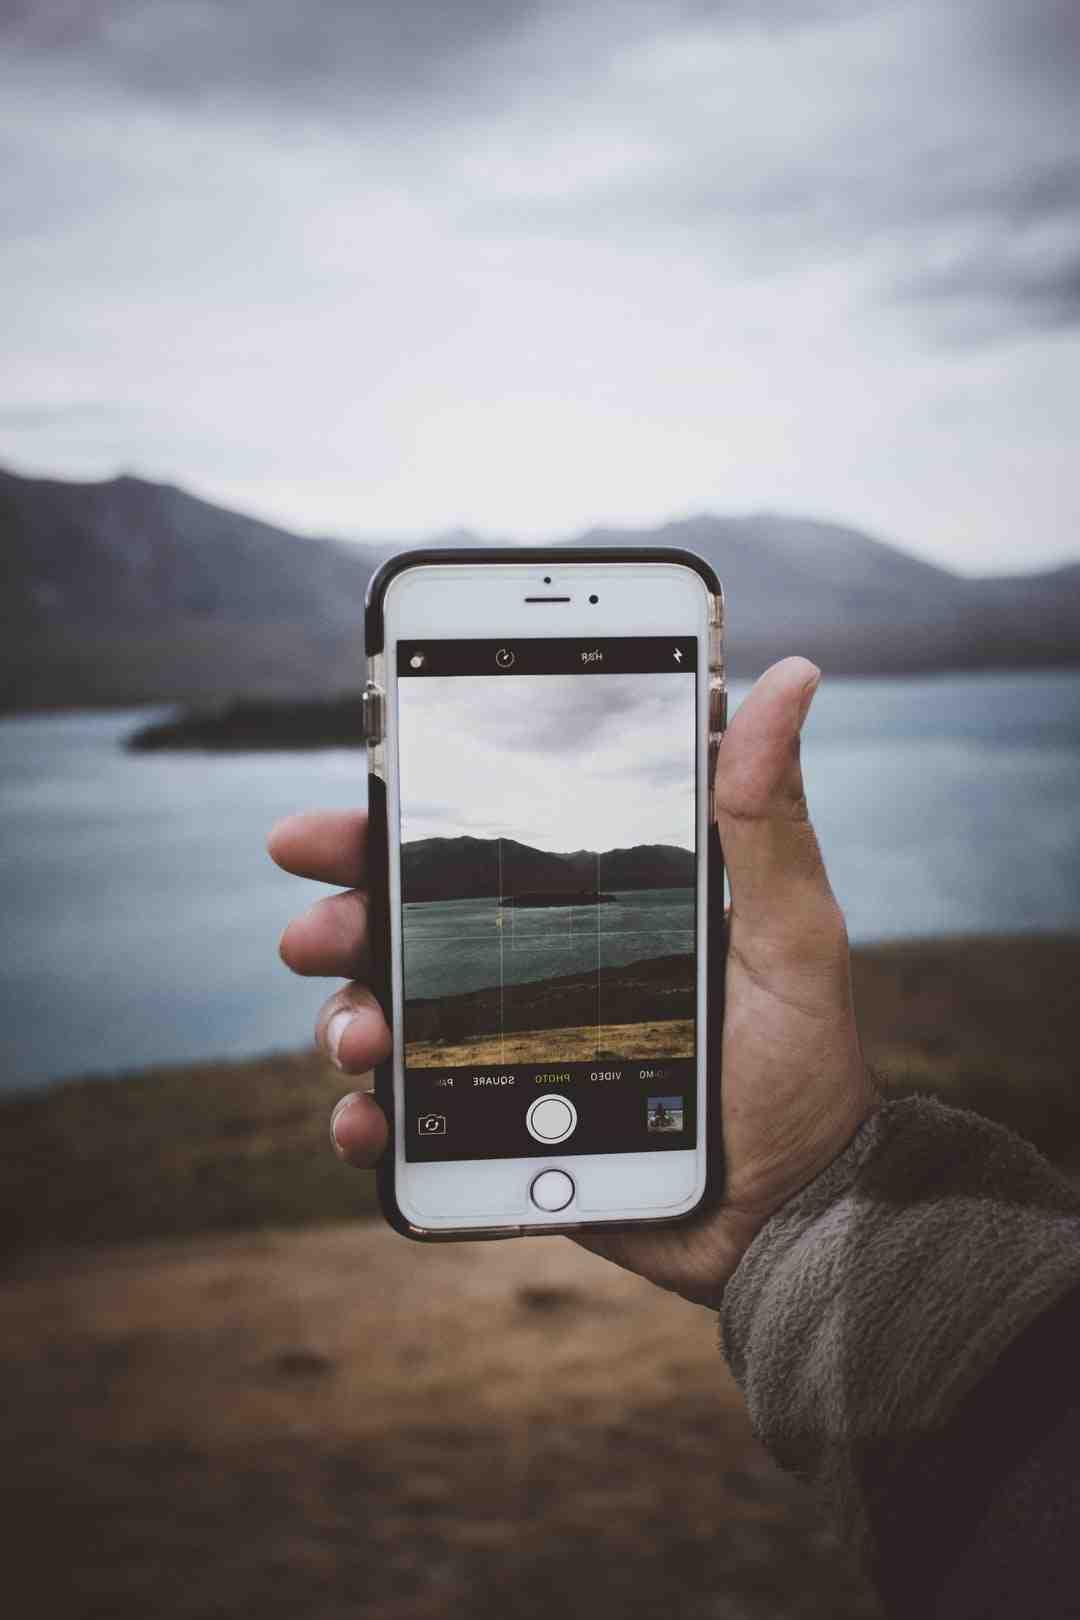 Comment transférer des photos d'iPhone vers iPhone sans iCloud?